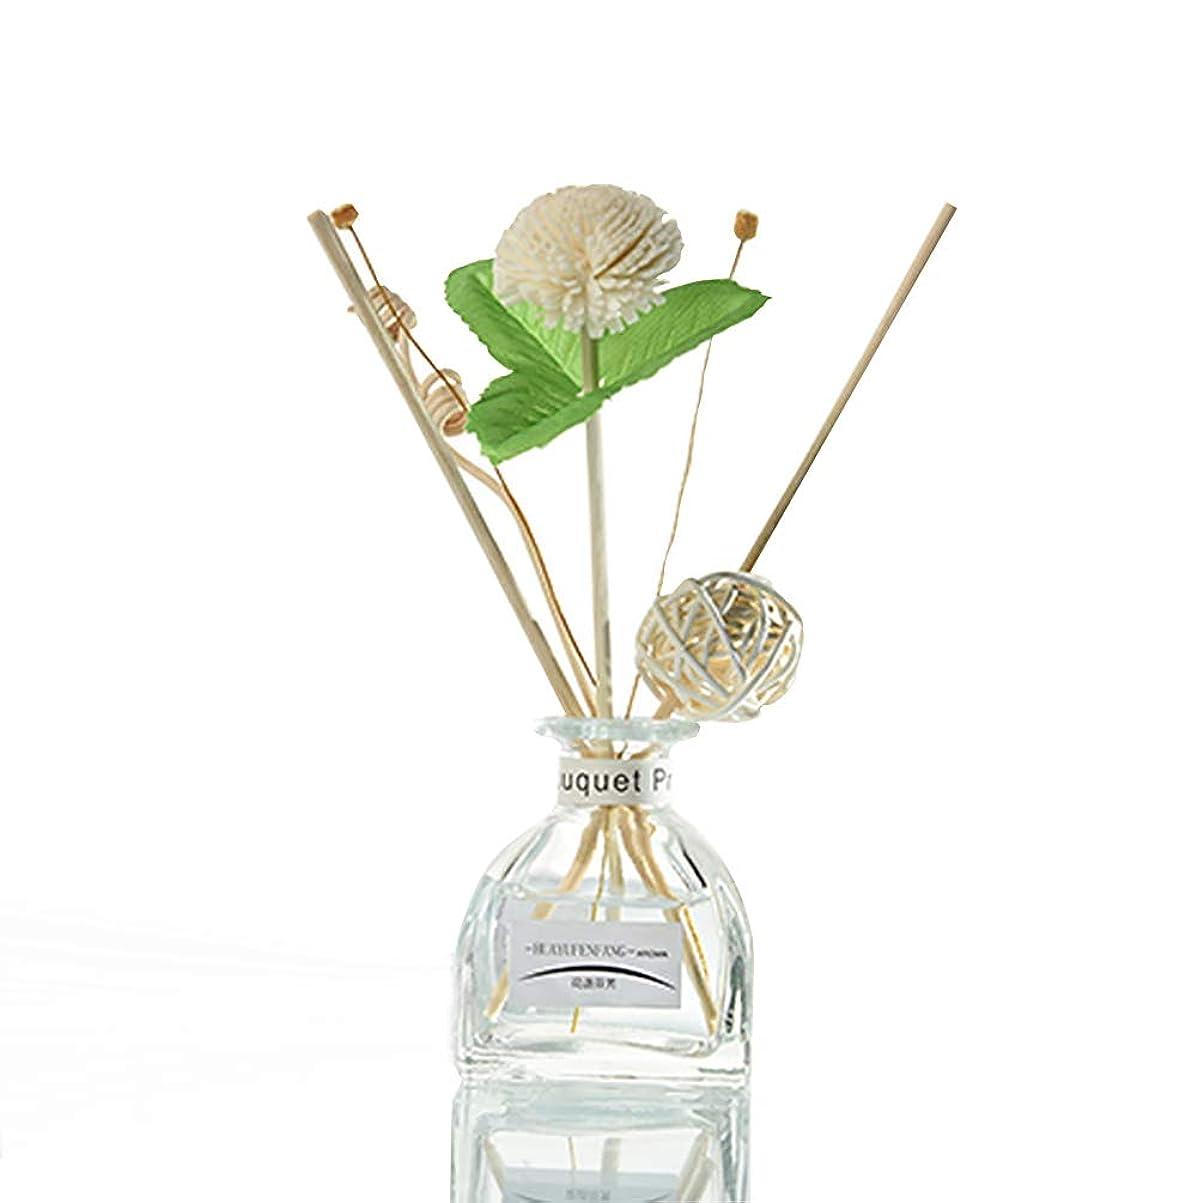 以上ペインギリック不変(ライチ) Lychee リードディフューザーセット ラタンスティック 組合せ ラベンダーの香り アロマテラピーオイル ナチュラル ストレス解消 ギフト 寝室 オフィス ルームフレグランス リフィル